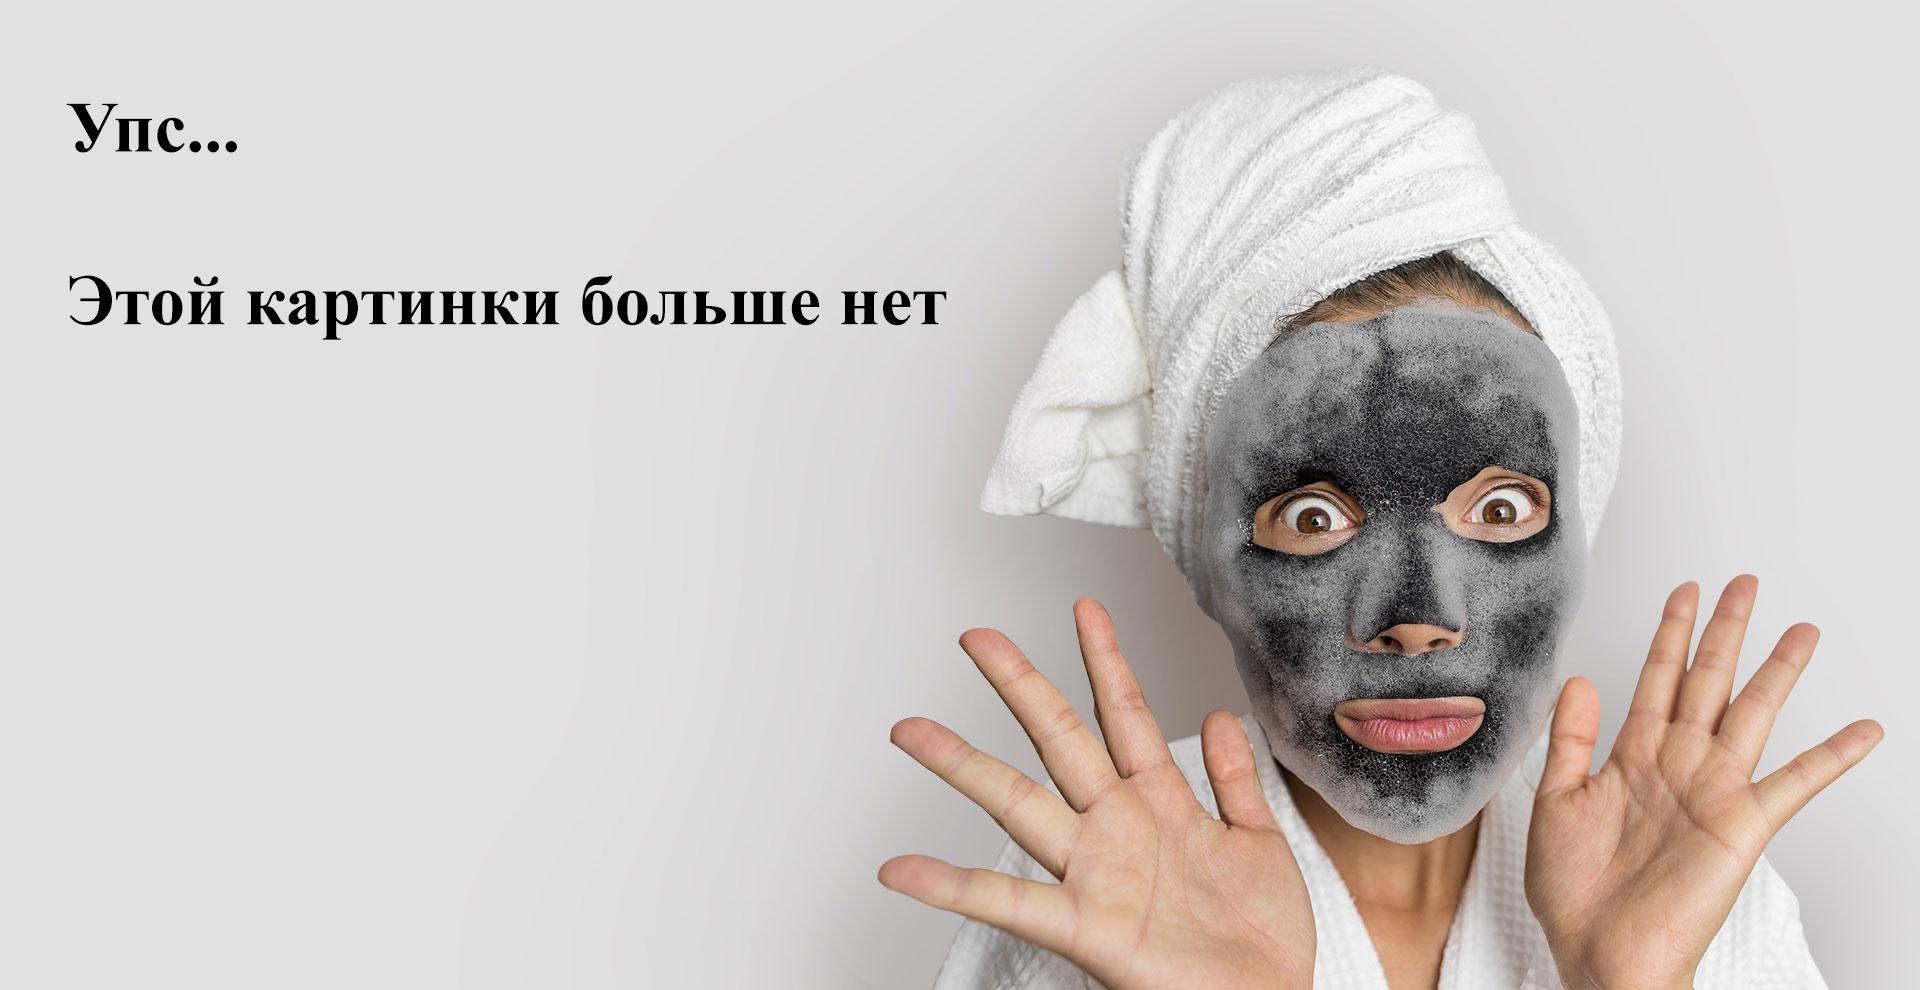 Siberina, Масло для укрепления ногтей и смягчения кутикулы, 10 мл